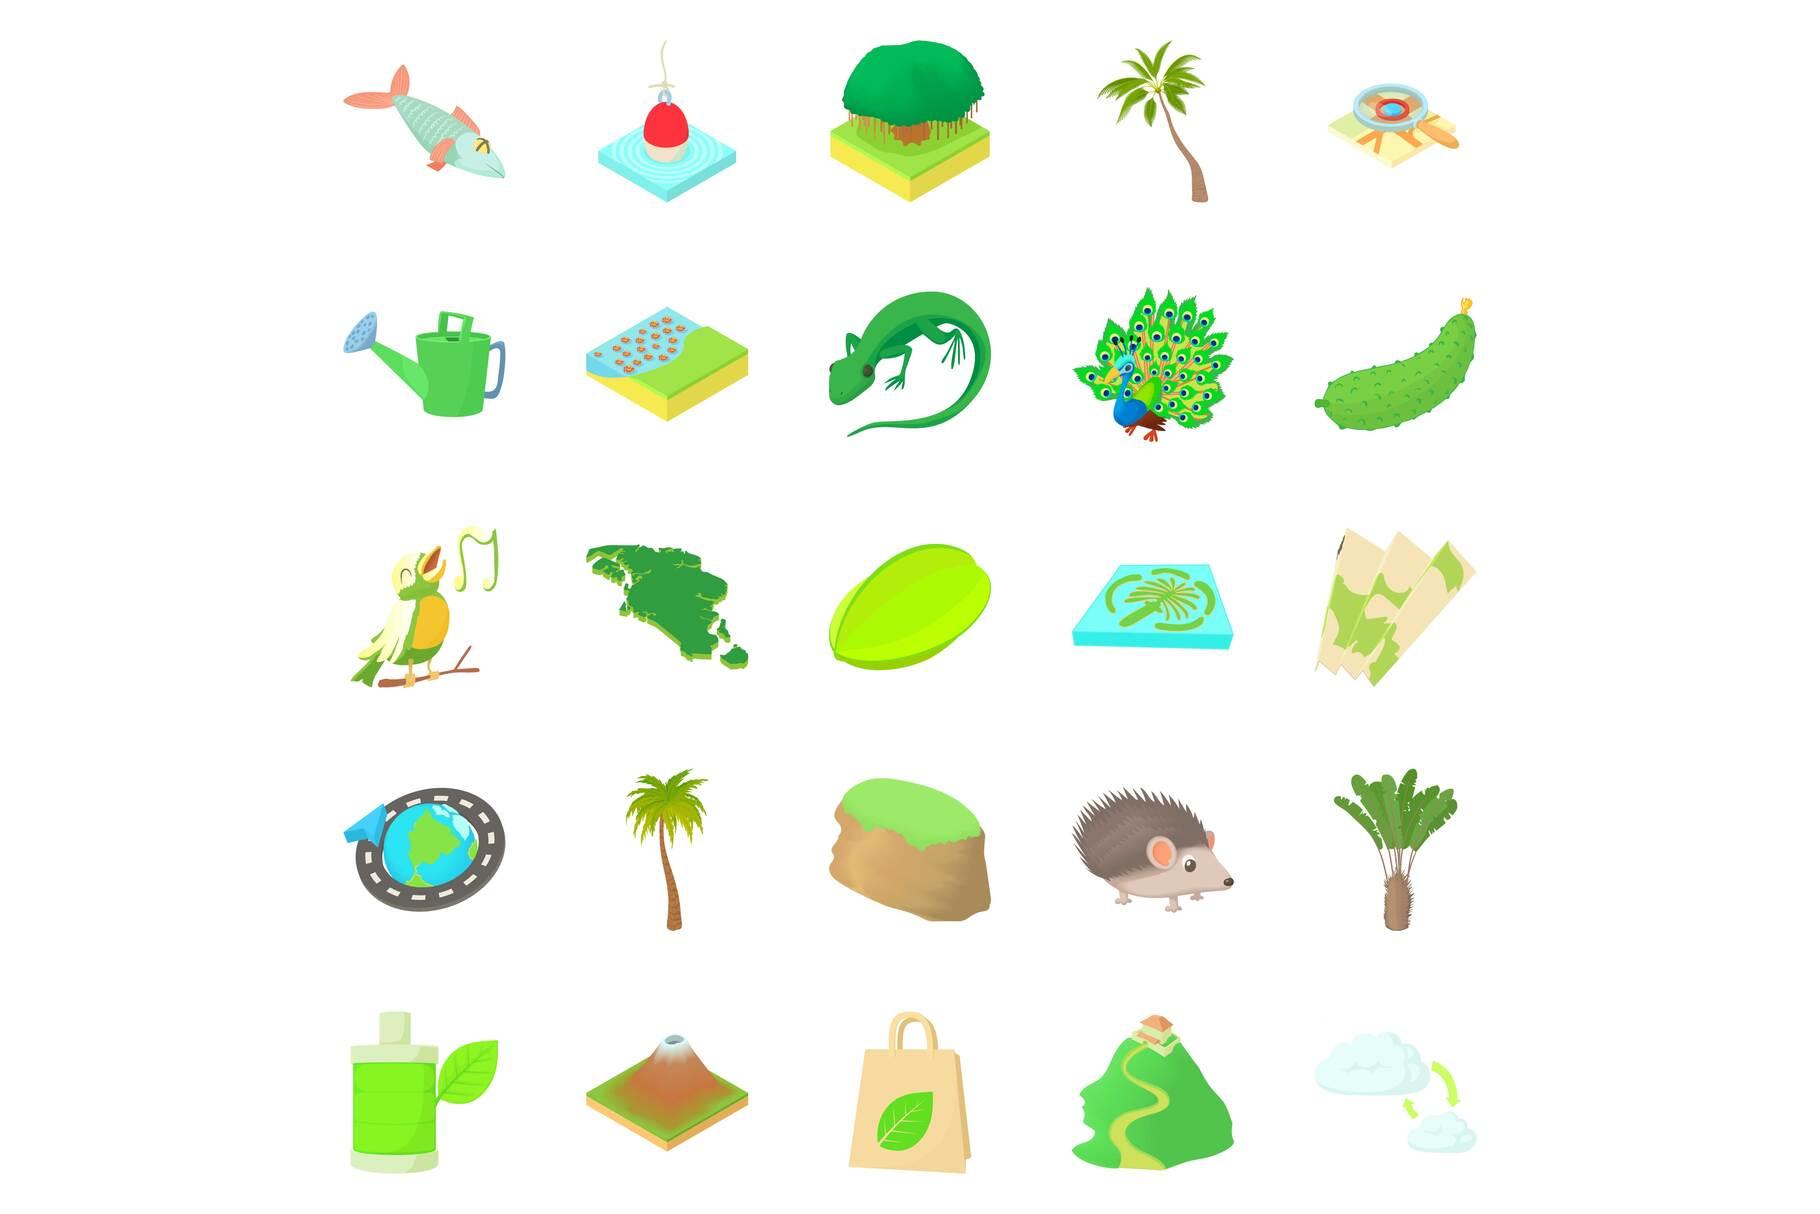 Hiking trails icons set, cartoon style example image 1